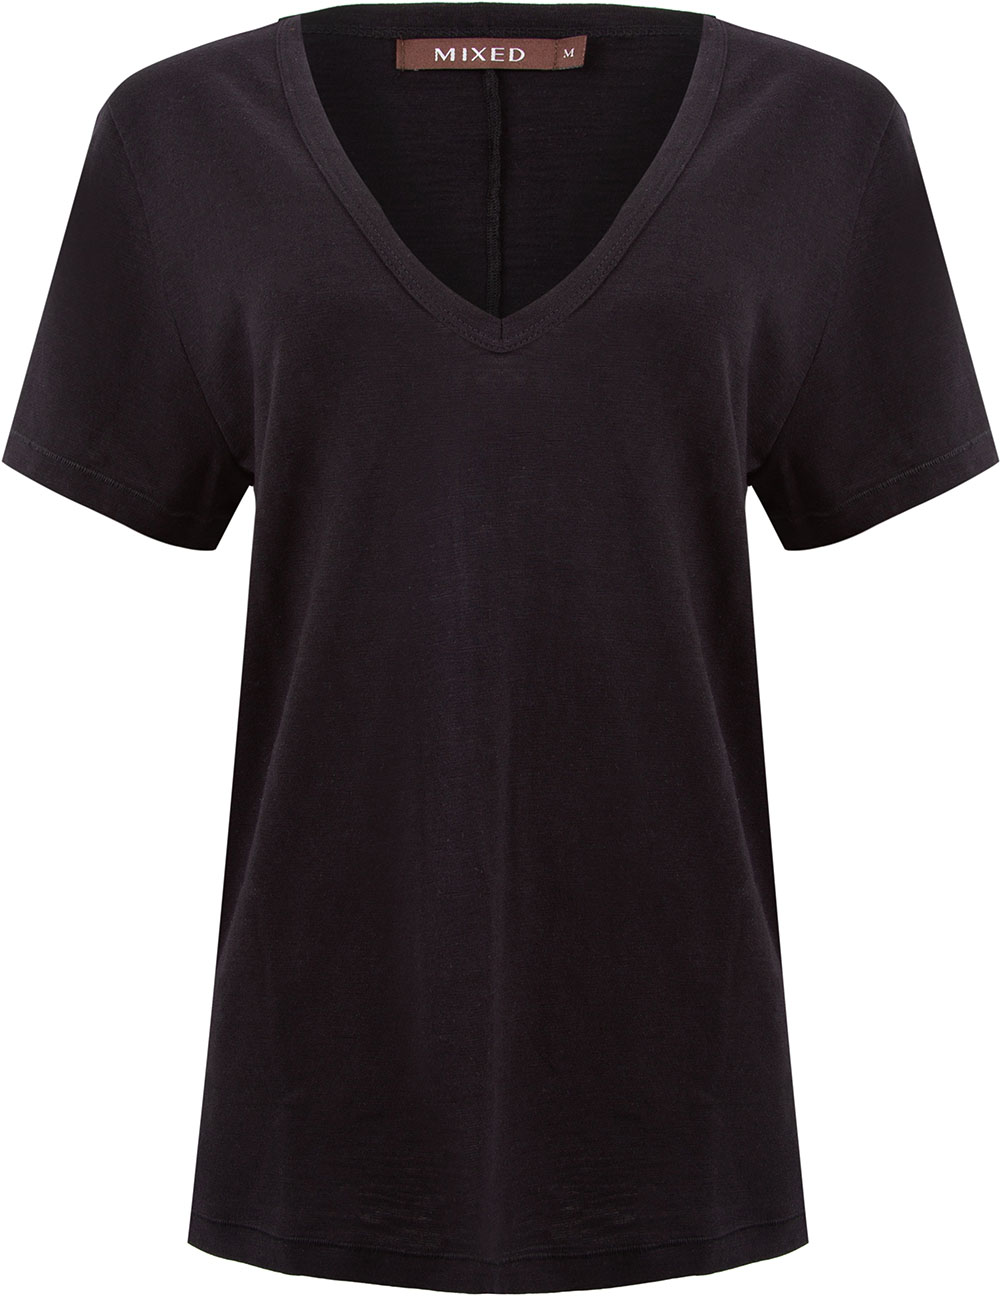 Camiseta Basic Gola V